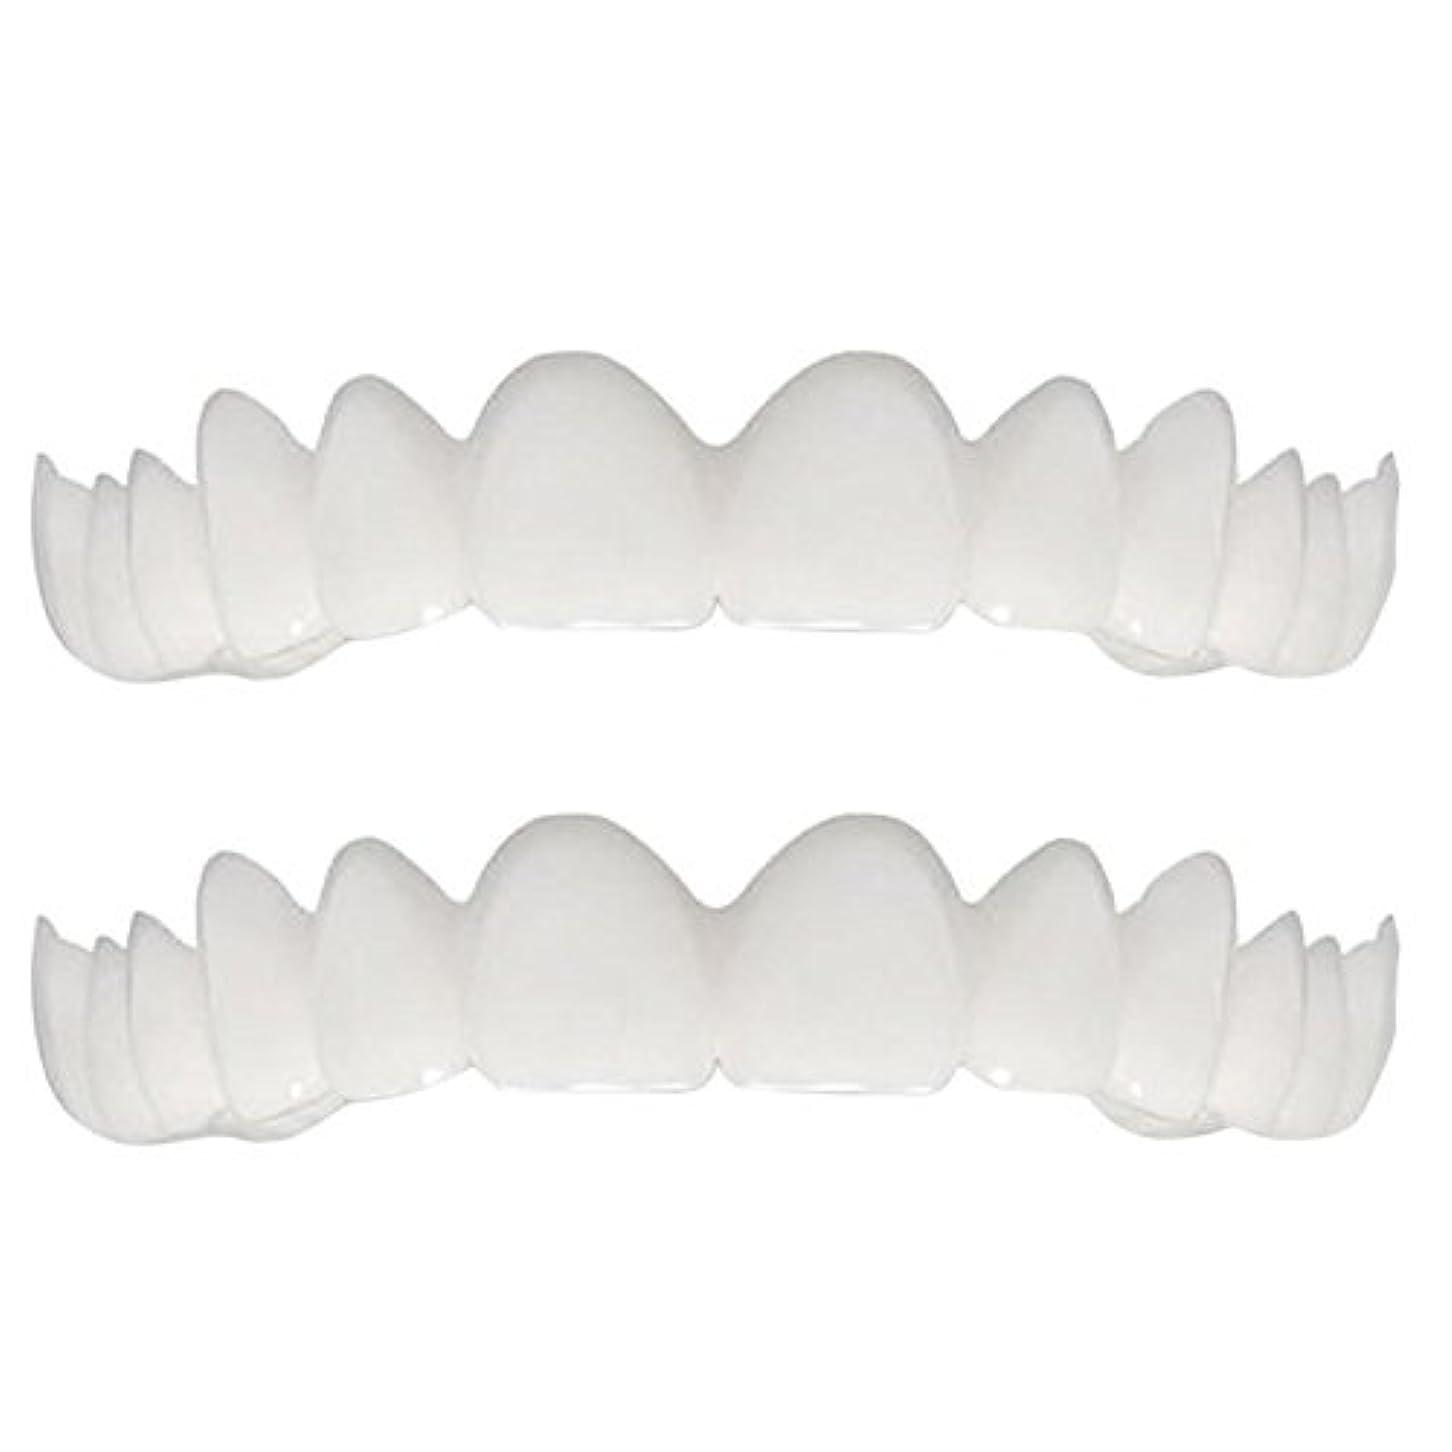 奪うパールポジション柔らかい歯の総義歯と合うシリコーンのシミュレーションの上下の総義歯(5セット),Opp